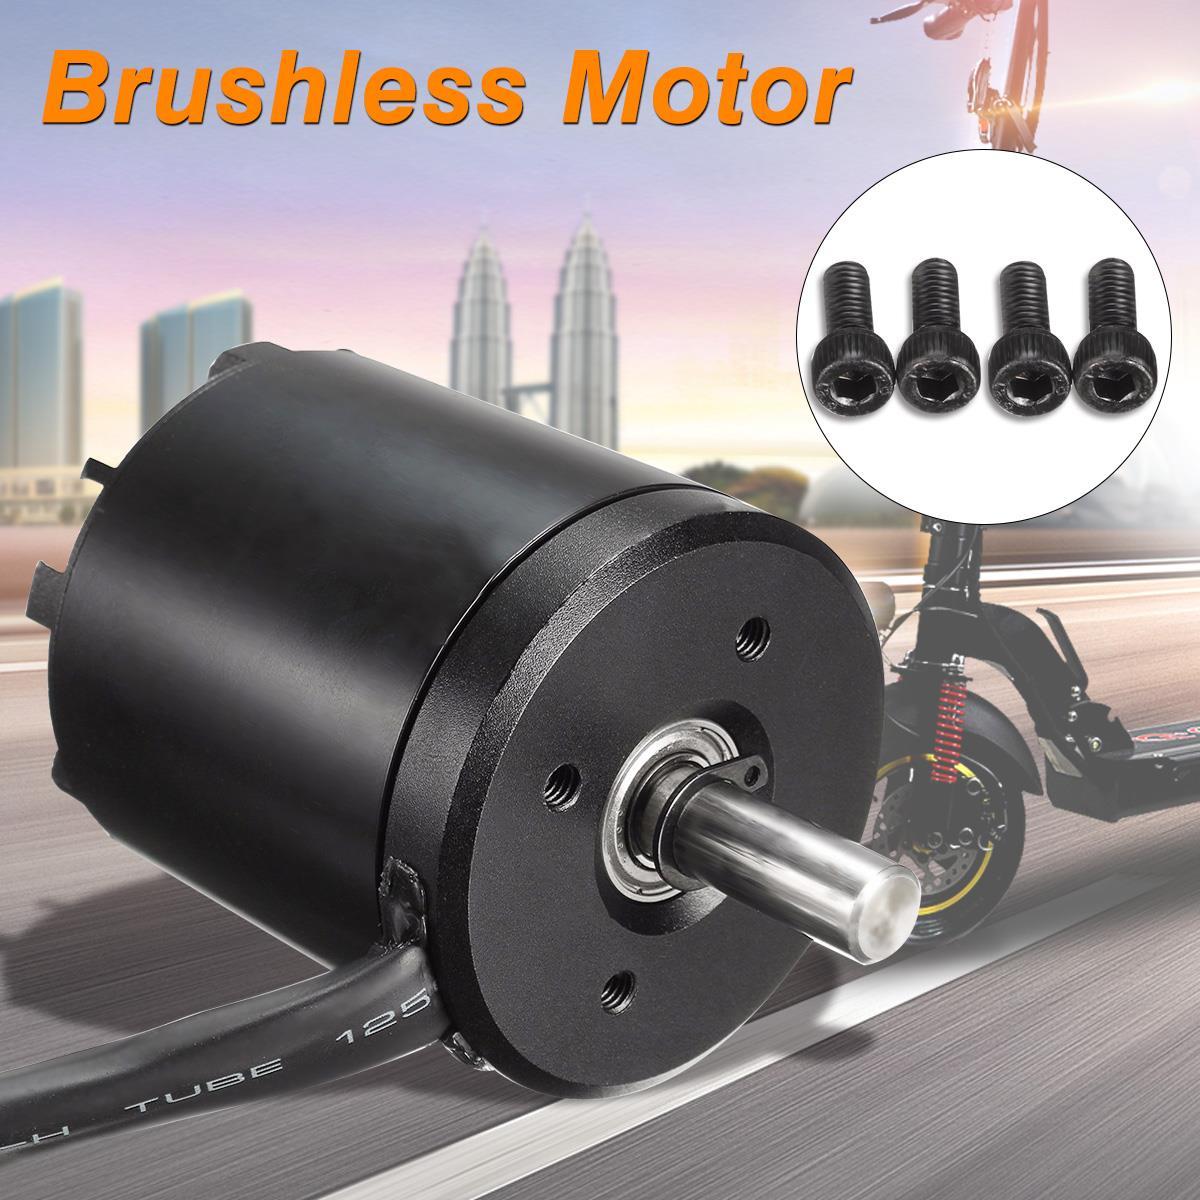 2,6 кг 3-8 s N5065 5065 270KV бесщеточный сенсорный двигатель для электрических Скейт скутер двигателя аксессуары